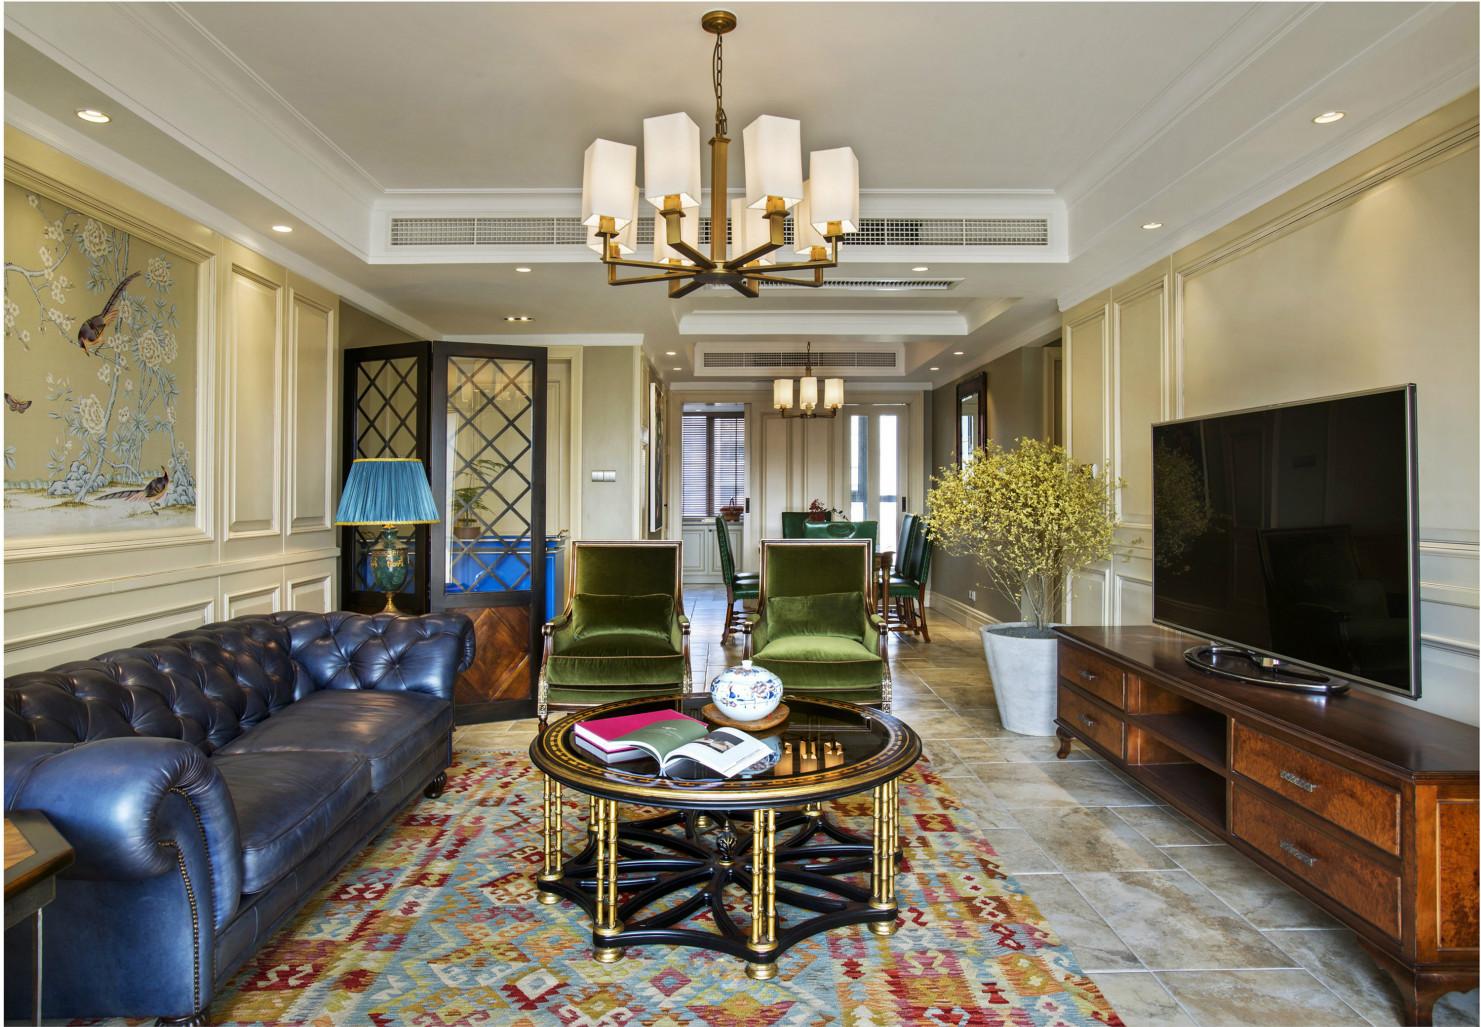 地毯增加不少客厅的温度,深褐色电视柜与小茶几,简直配一脸。